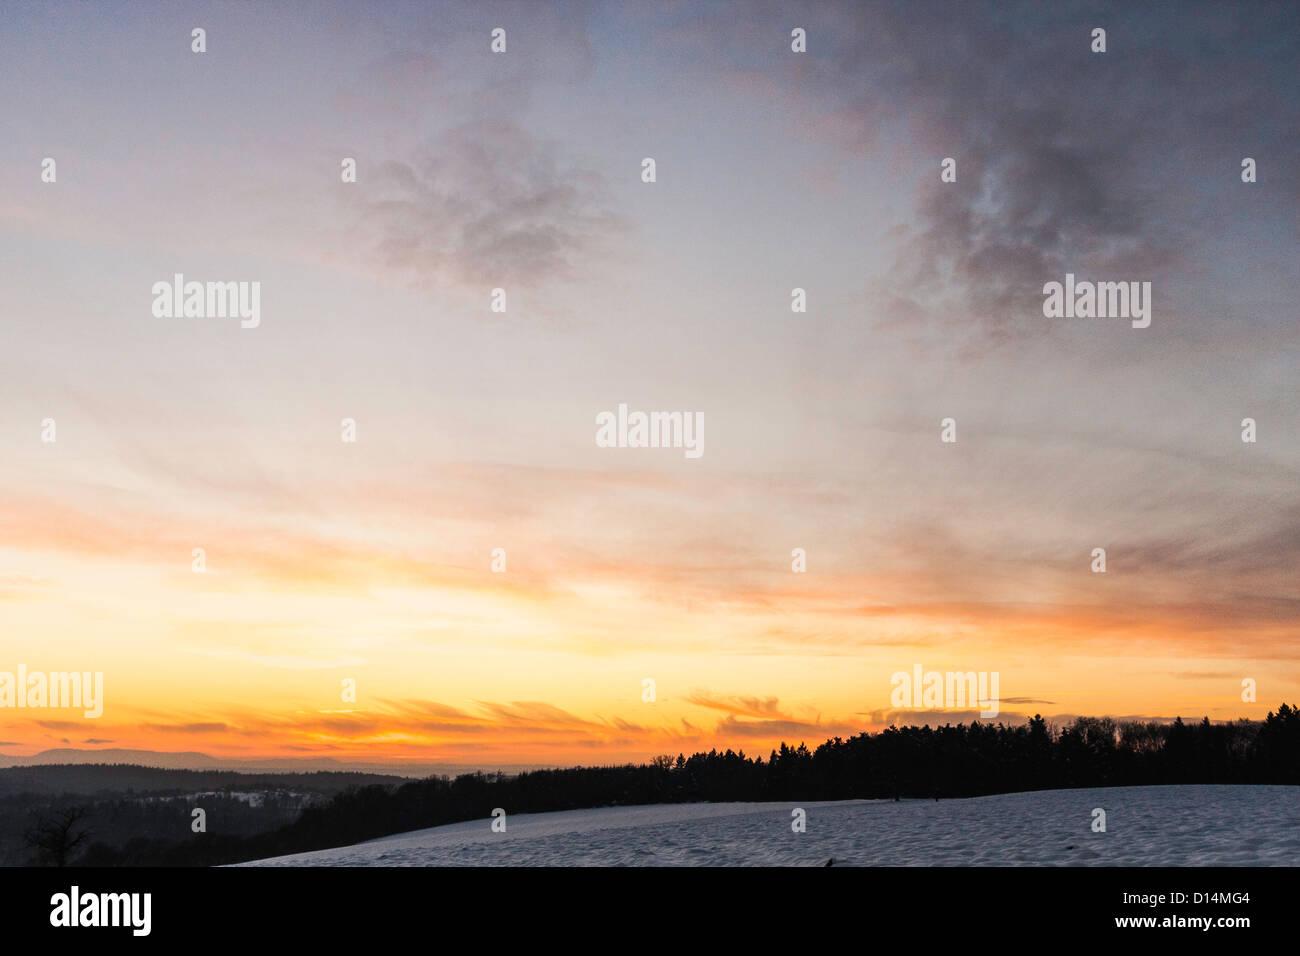 Puesta de sol sobre el paisaje rural Foto de stock